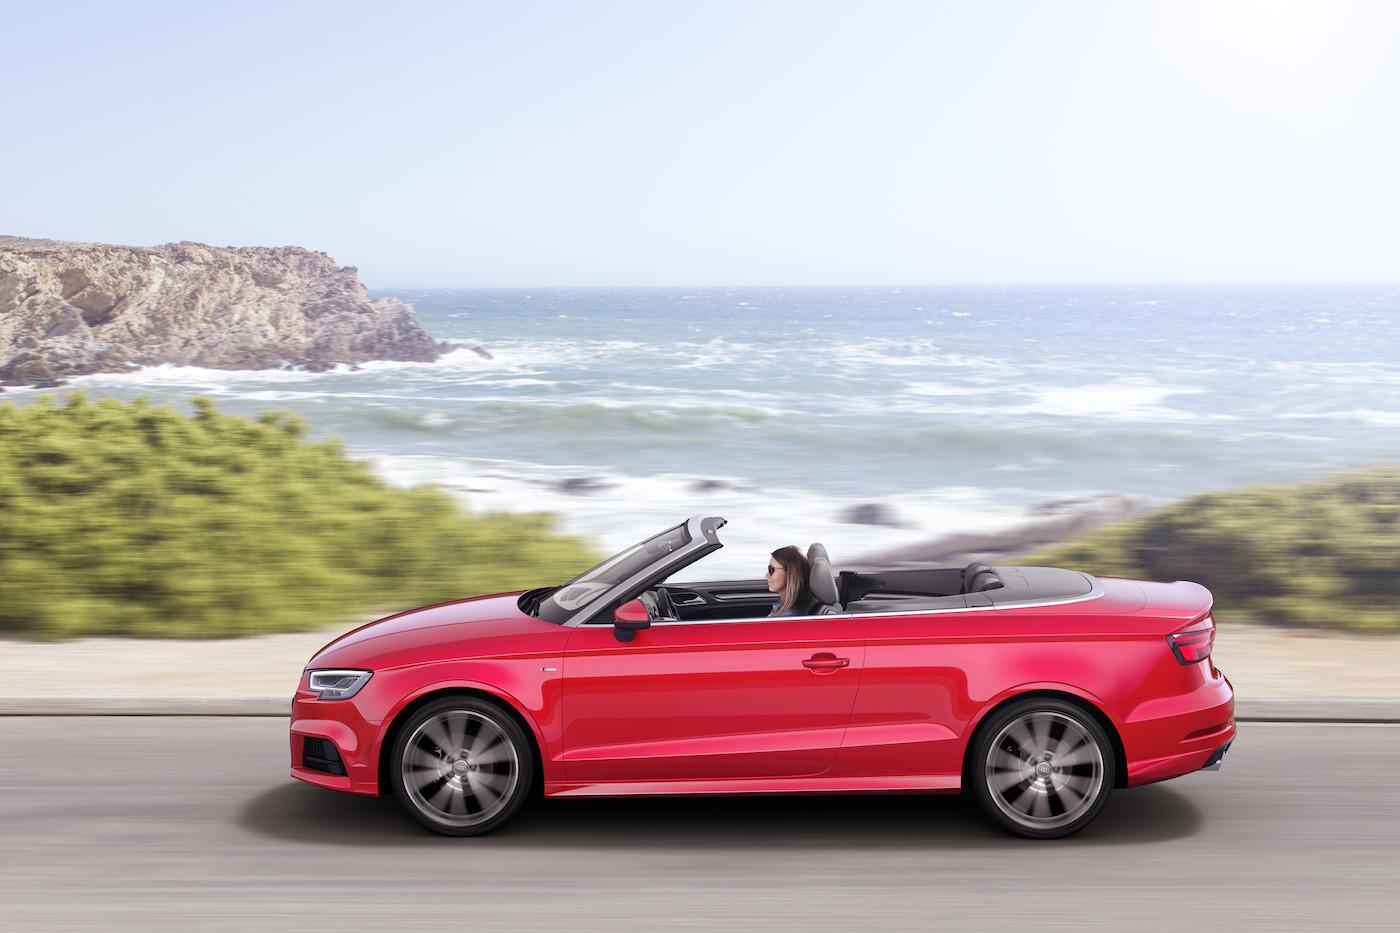 Perfekt für den Sommer: Mobility hat auch Audi-A3-Cabrios im Angebot. (Audi)